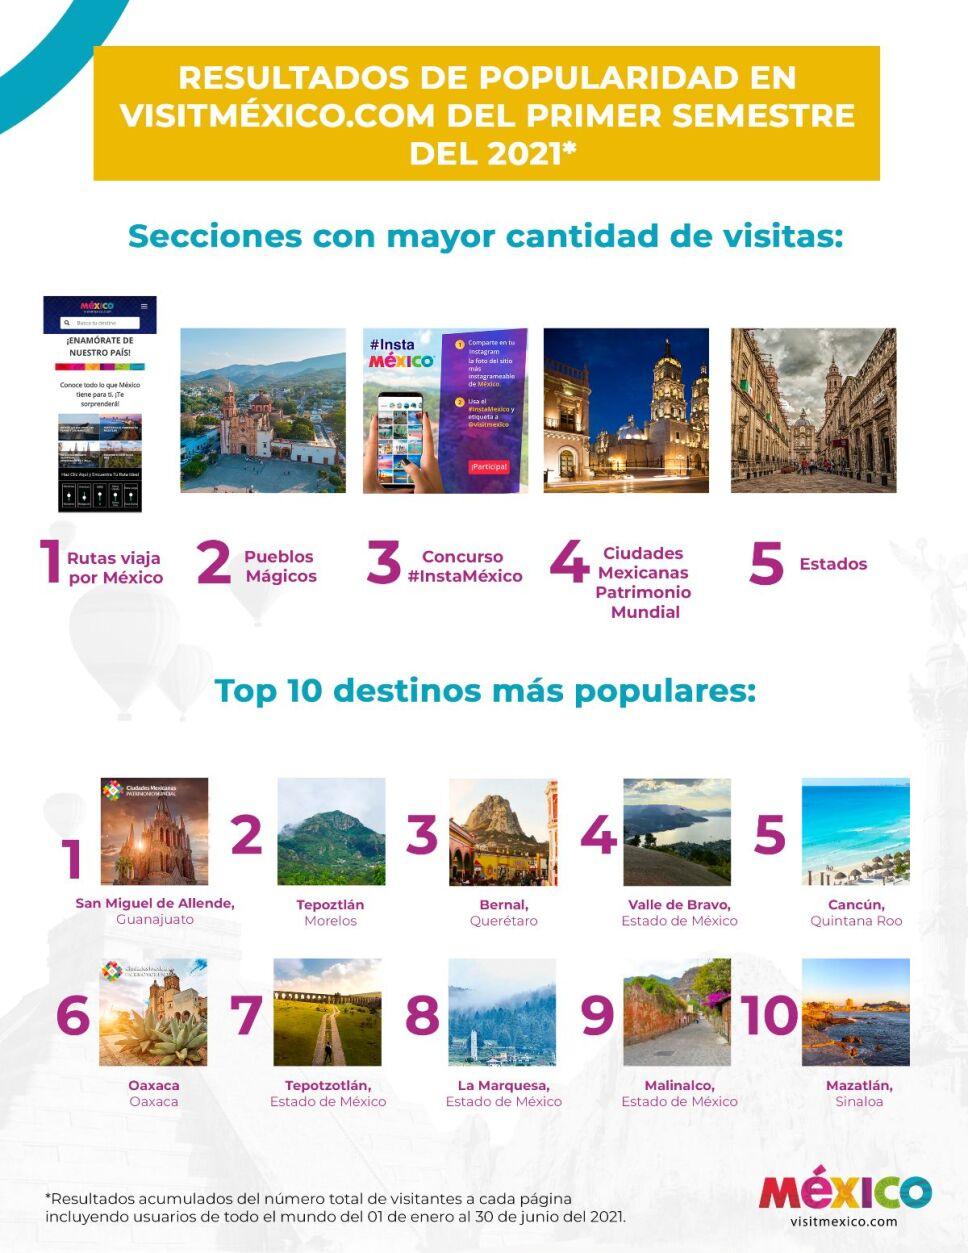 Destinos más populares de México